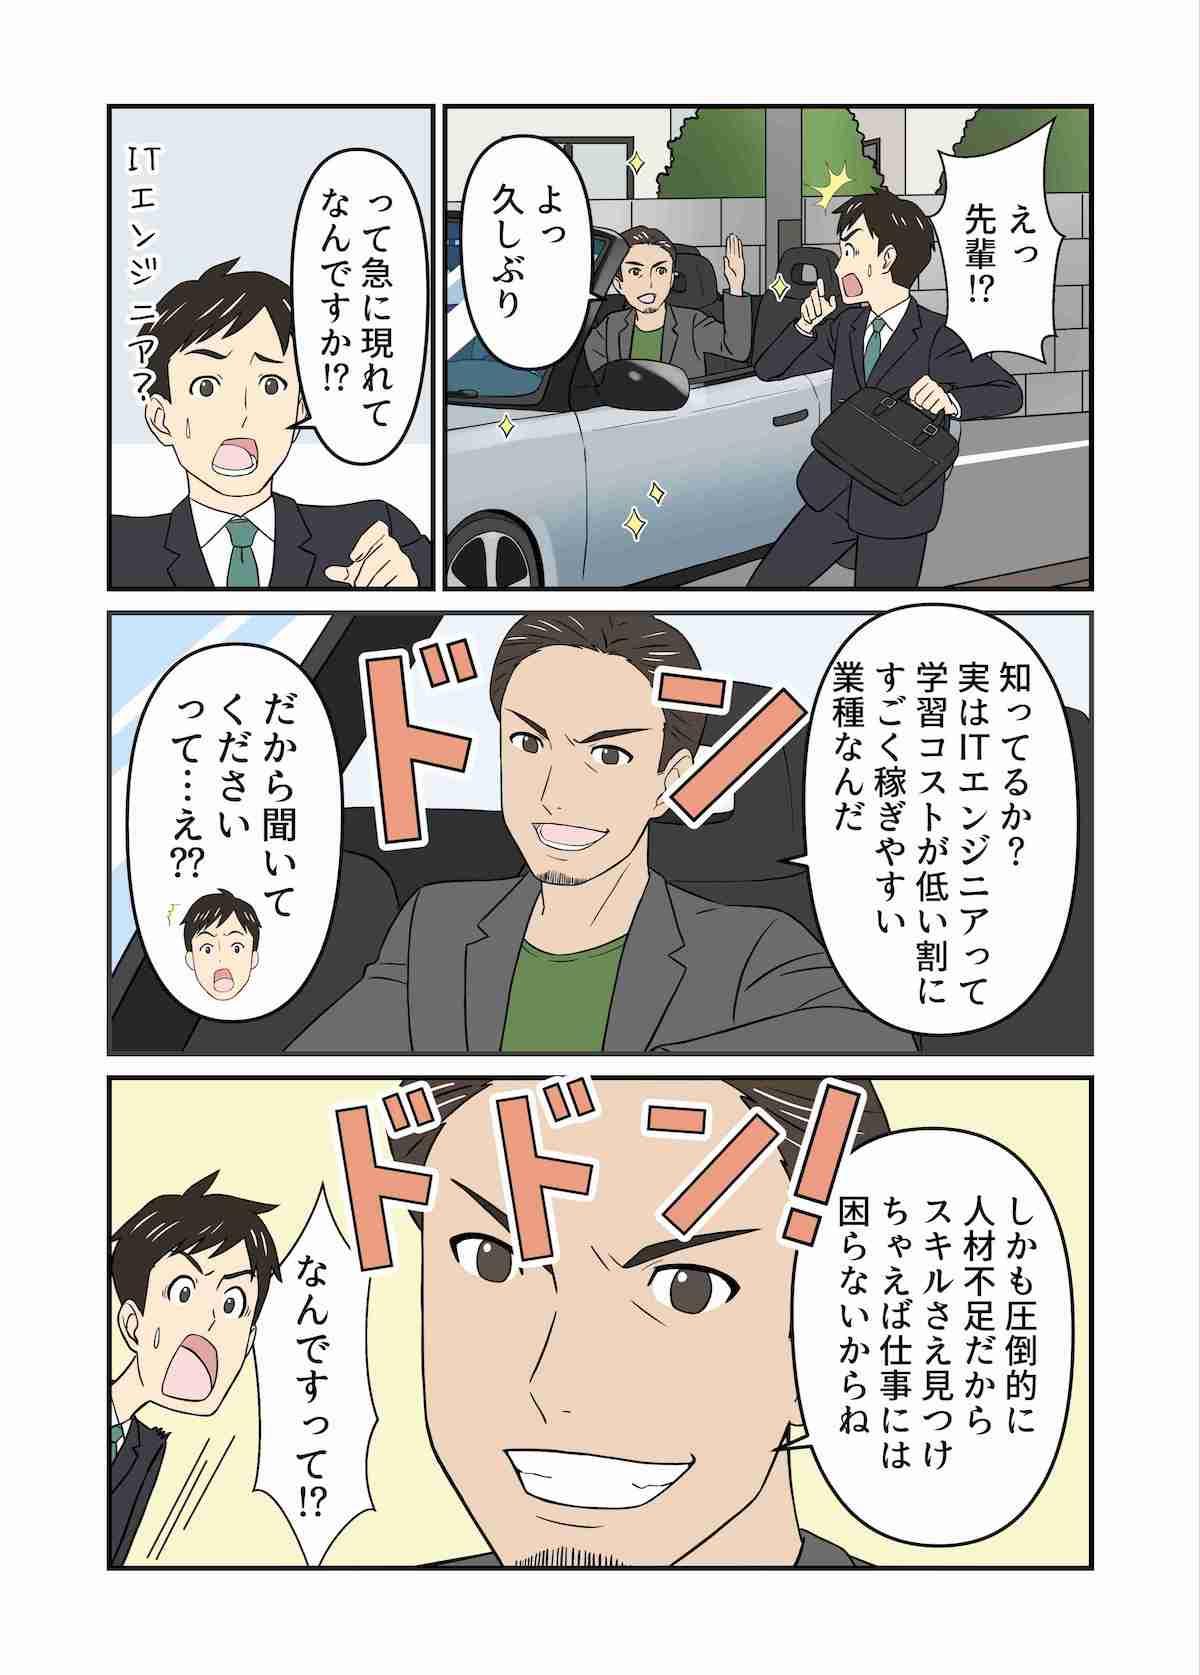 ウェブカツ漫画3ページ目